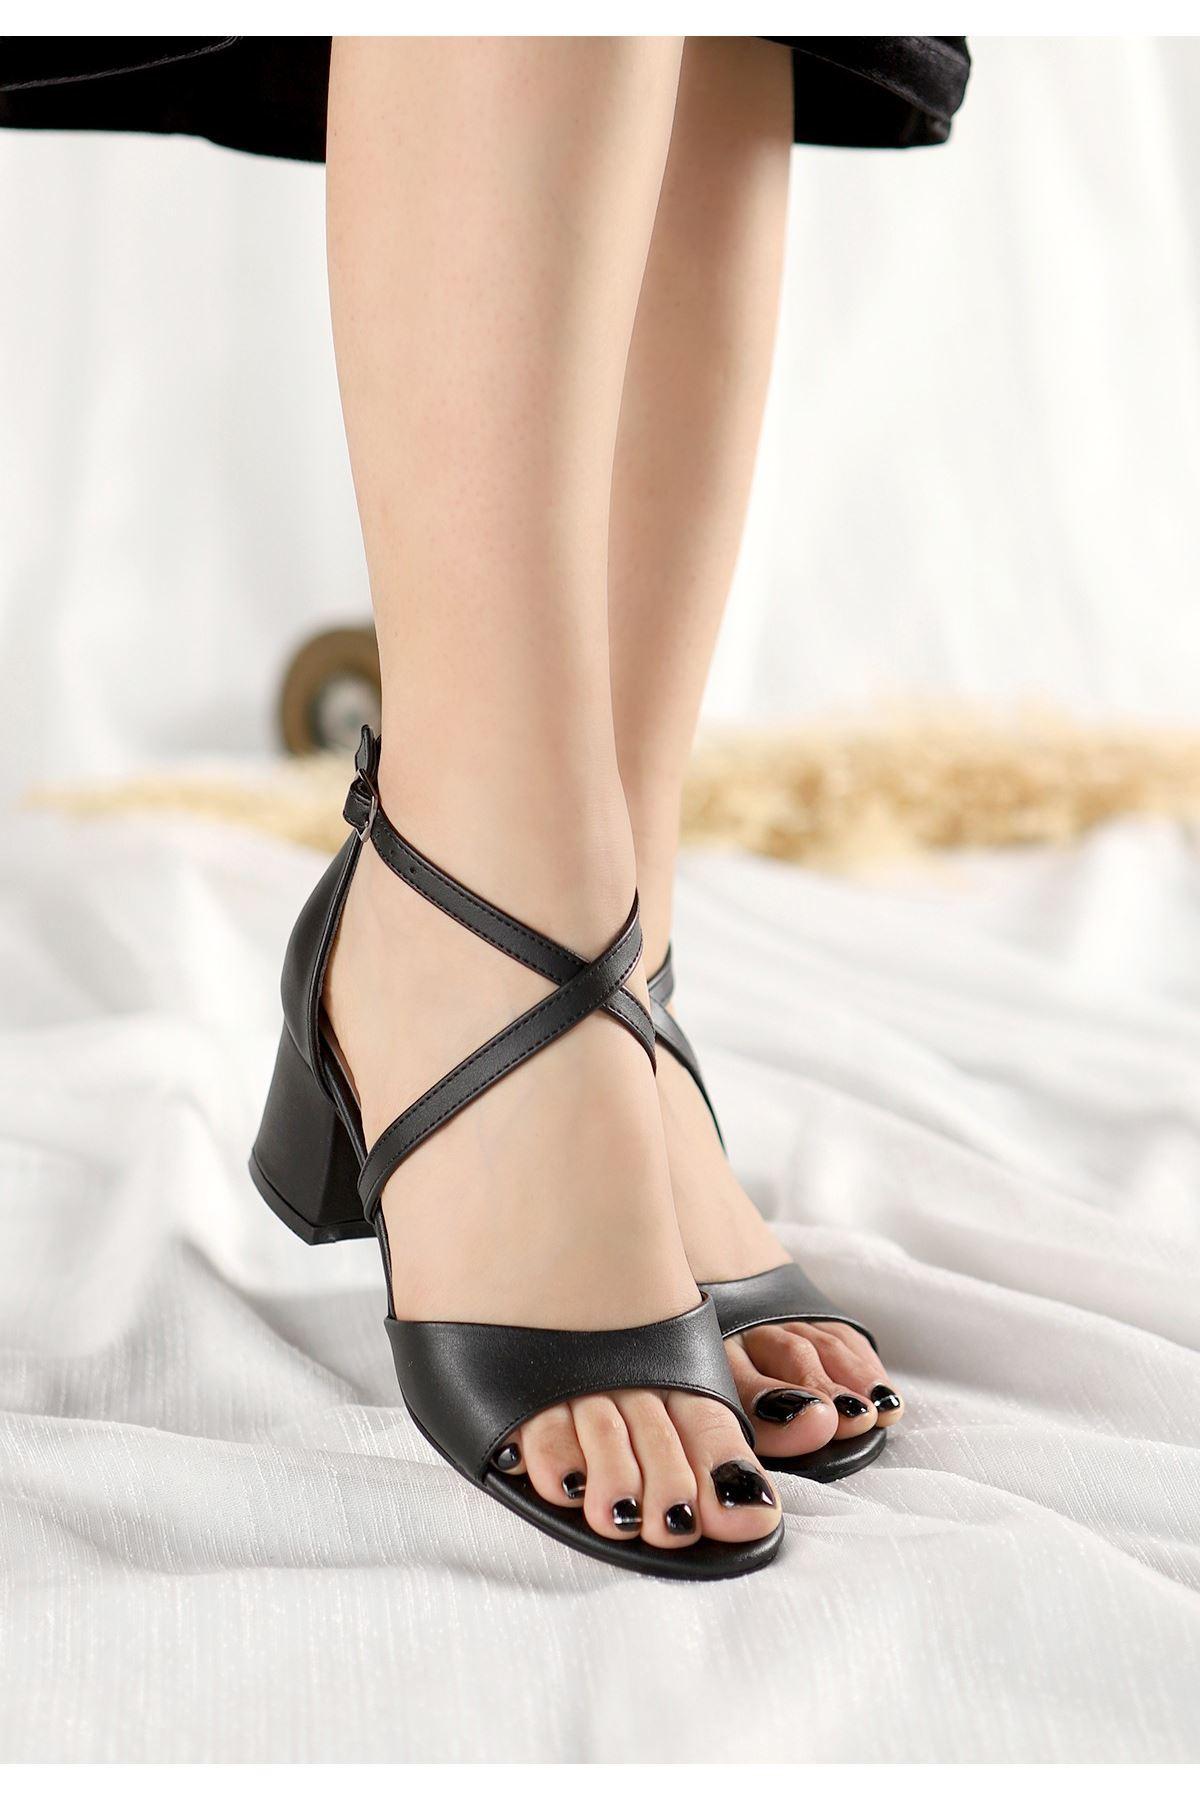 Juor Siyah Cilt Topuklu Ayakkabı